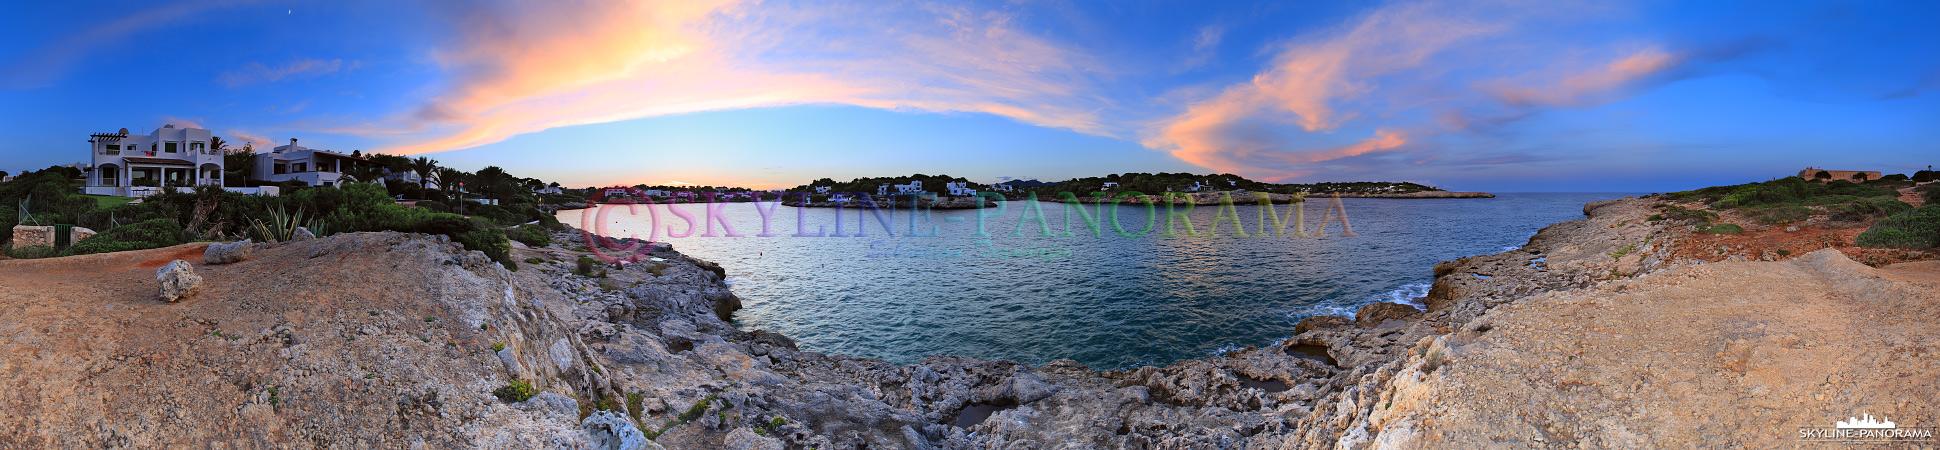 Bilder von Mallorca - Der Ort Cala d'Or, an der Ostküste Mallorcas, ist bekannt für seine malerisch gelegenen Badebuchten.